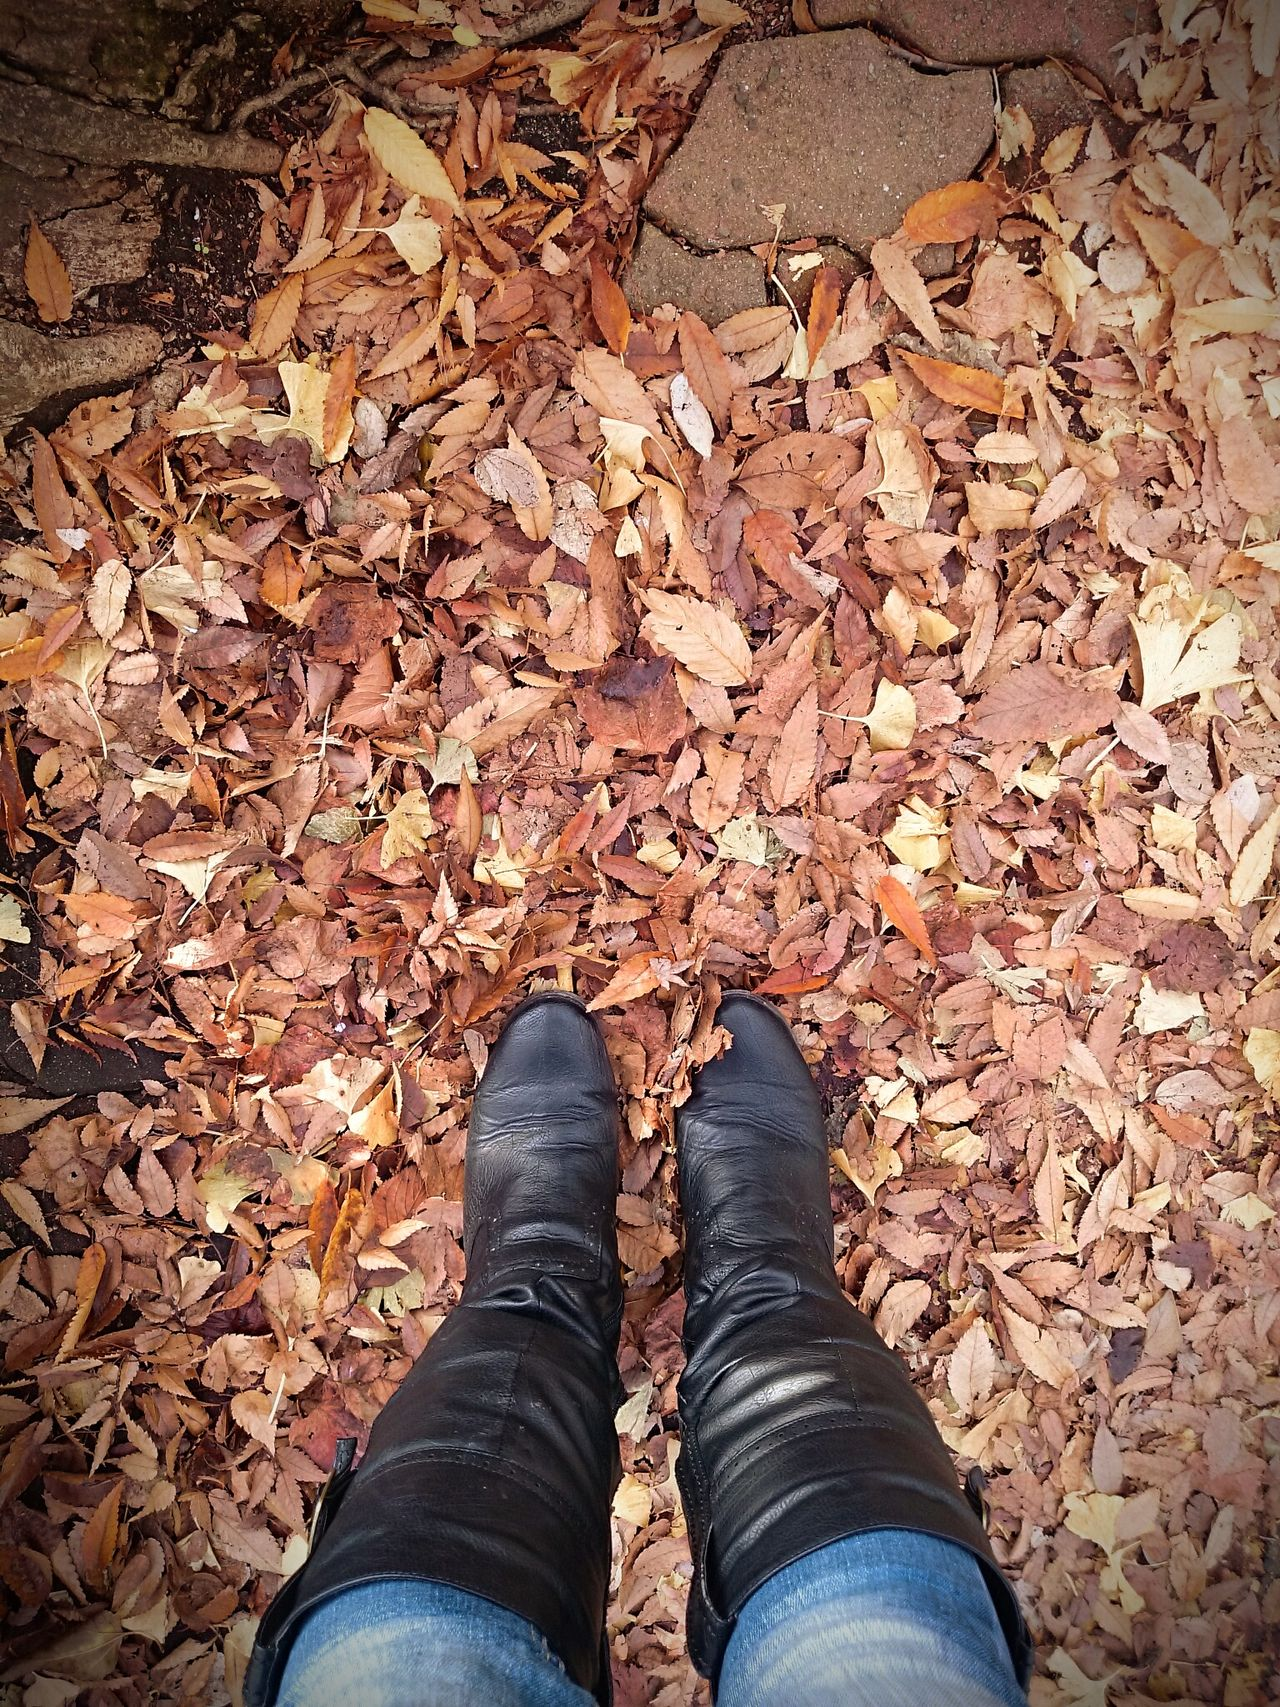 季節の上に立つ。 Standing Personal Perspective Leaf Autumn Human Body Part One Person Lifestyles Real People Nature Day Japan Scenery Tokyo Days Low Section Change Shoe Human Leg People Close-up Tokyo,Japan Tokyo